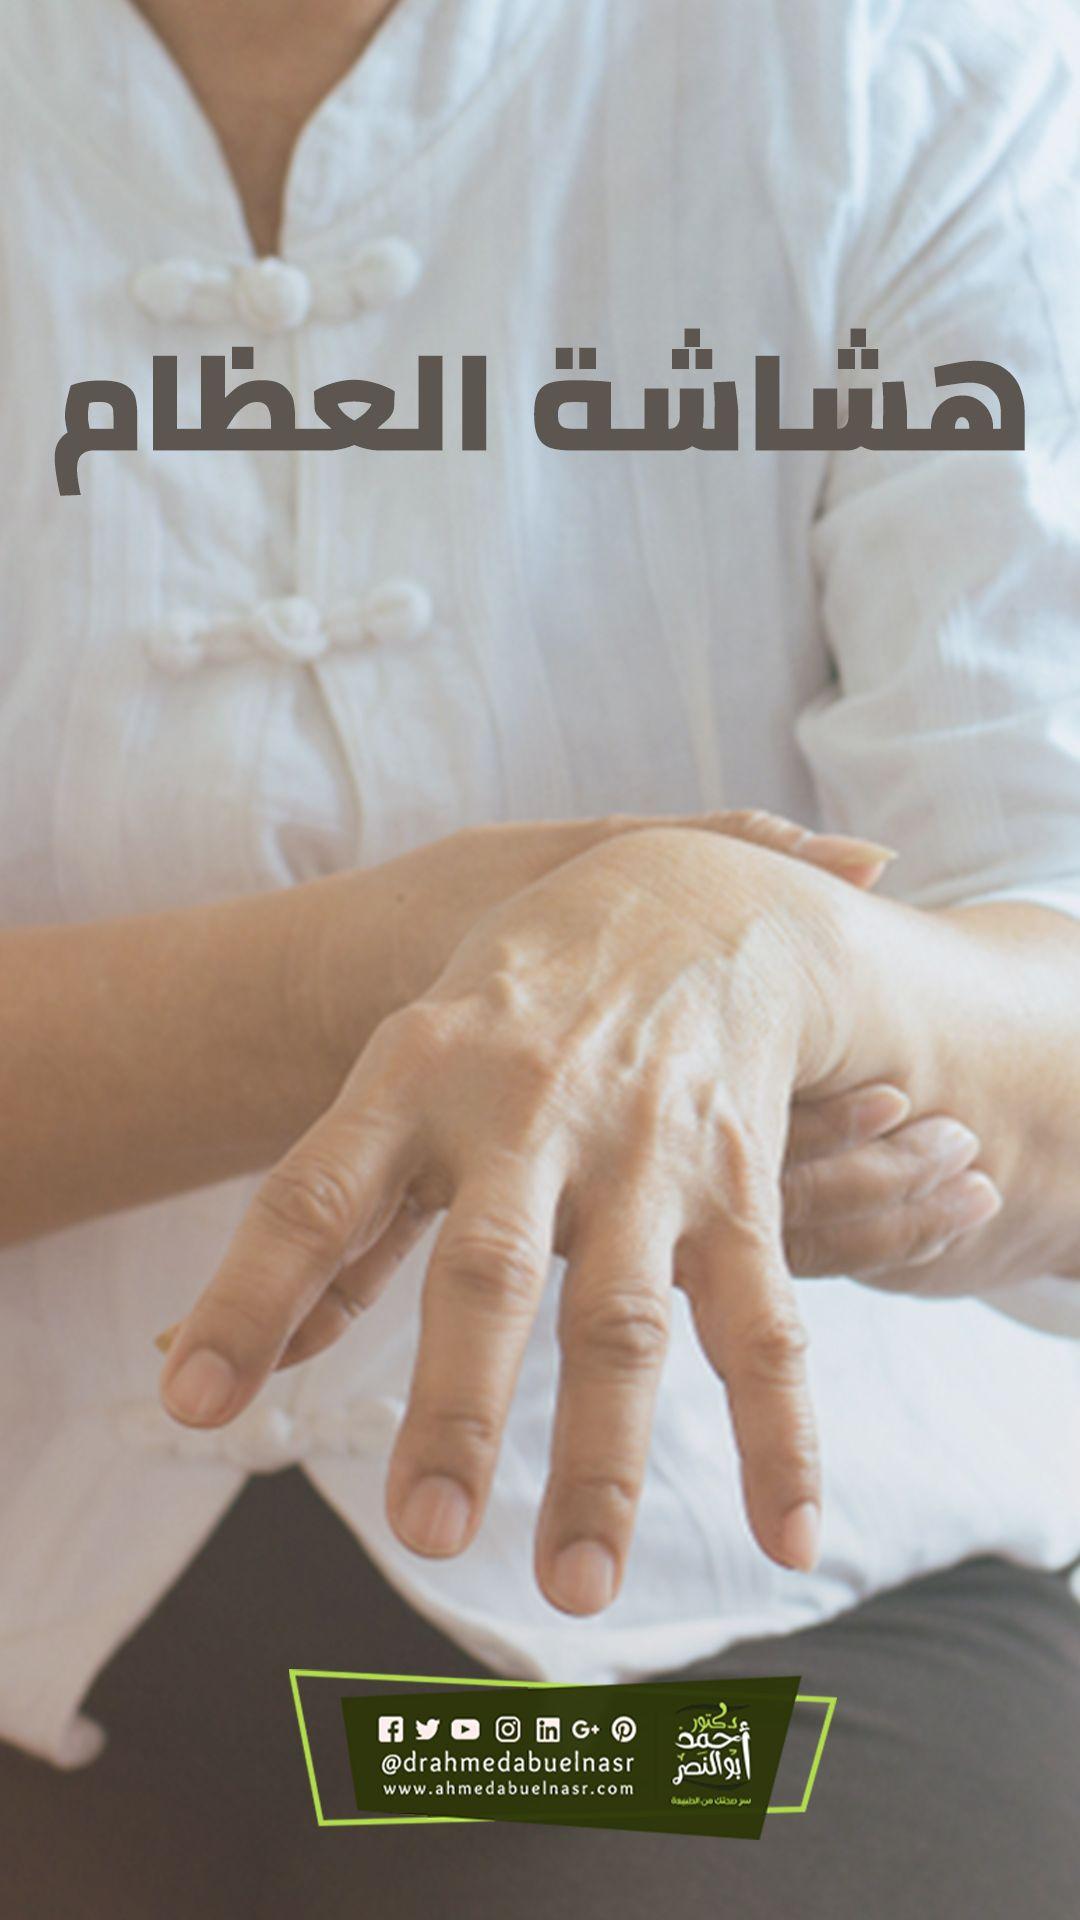 هشاشة العظام Holding Hands Hands